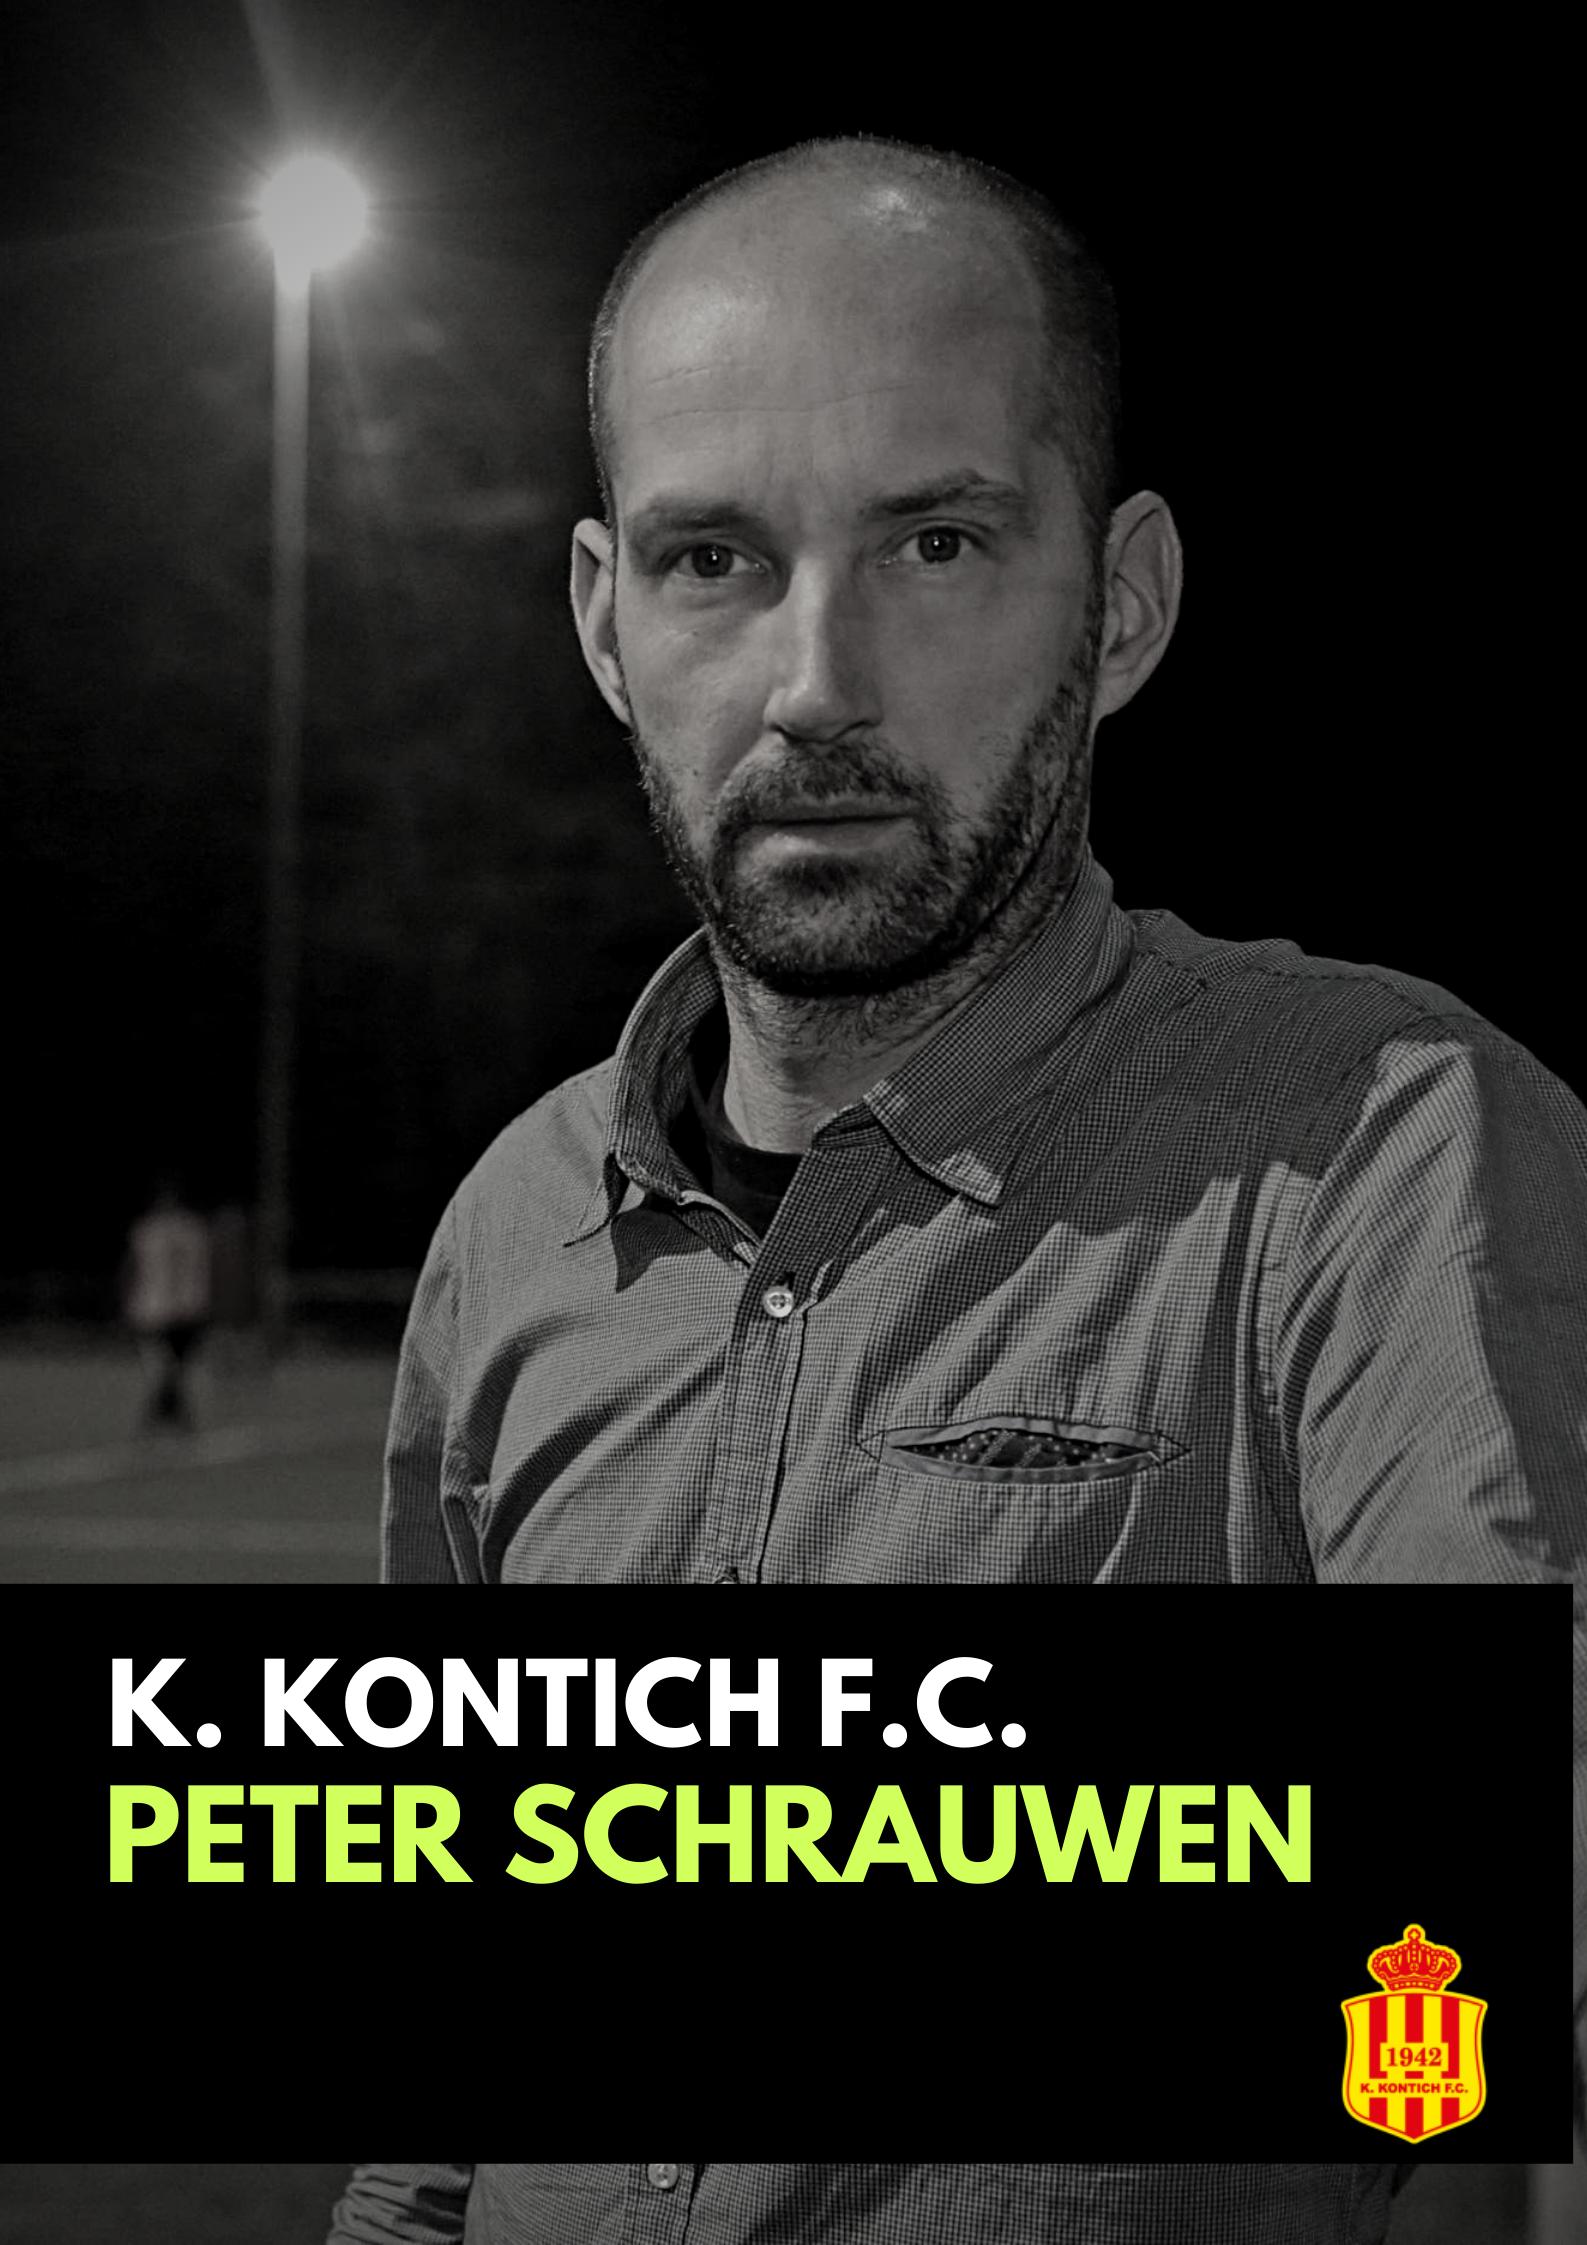 Peter Schrauwen